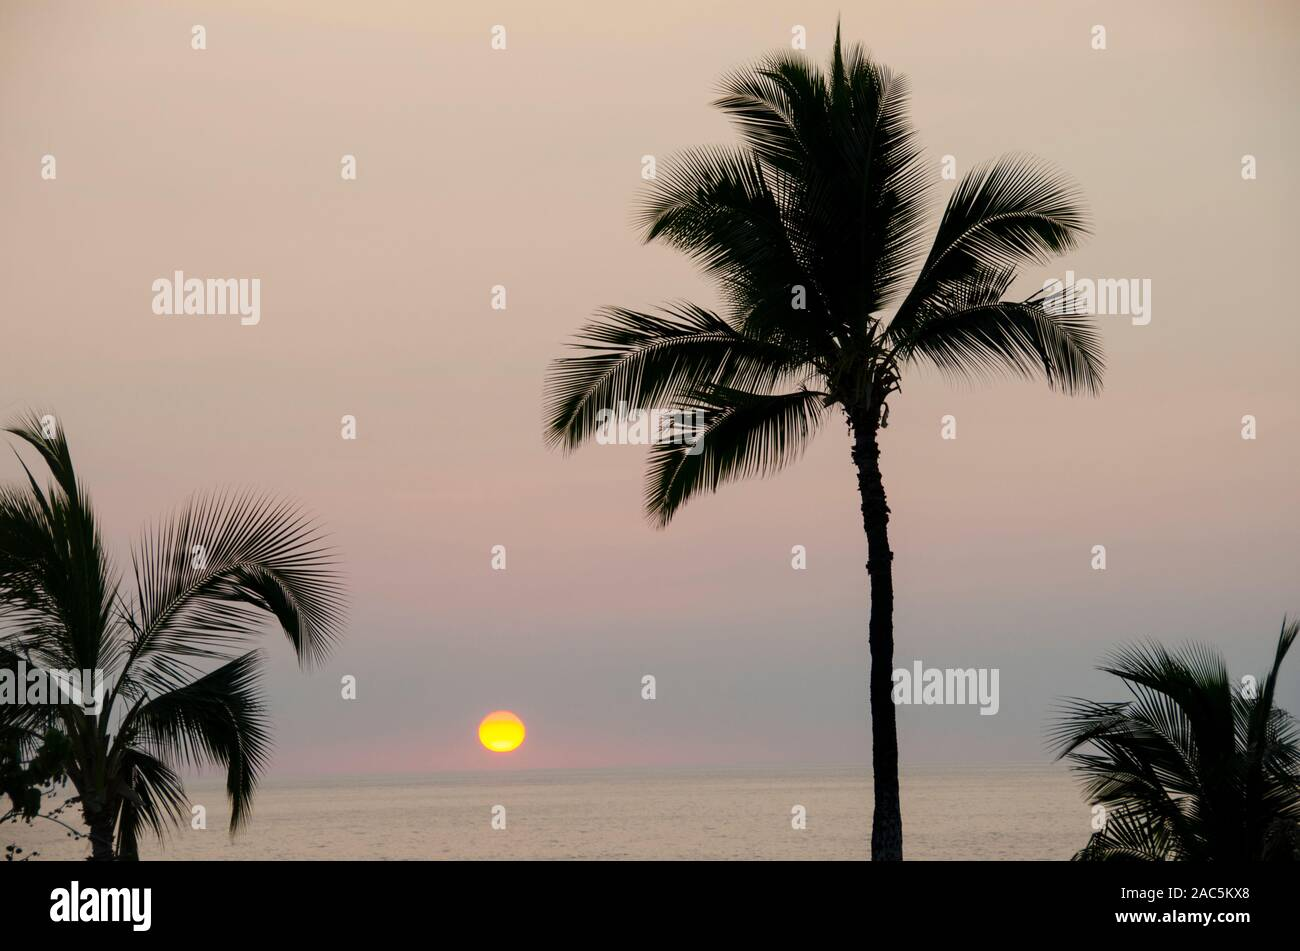 Stagliano palme telaio un bellissimo tramonto al Hapuna Beach, Isola di Hawai'i. Foto Stock